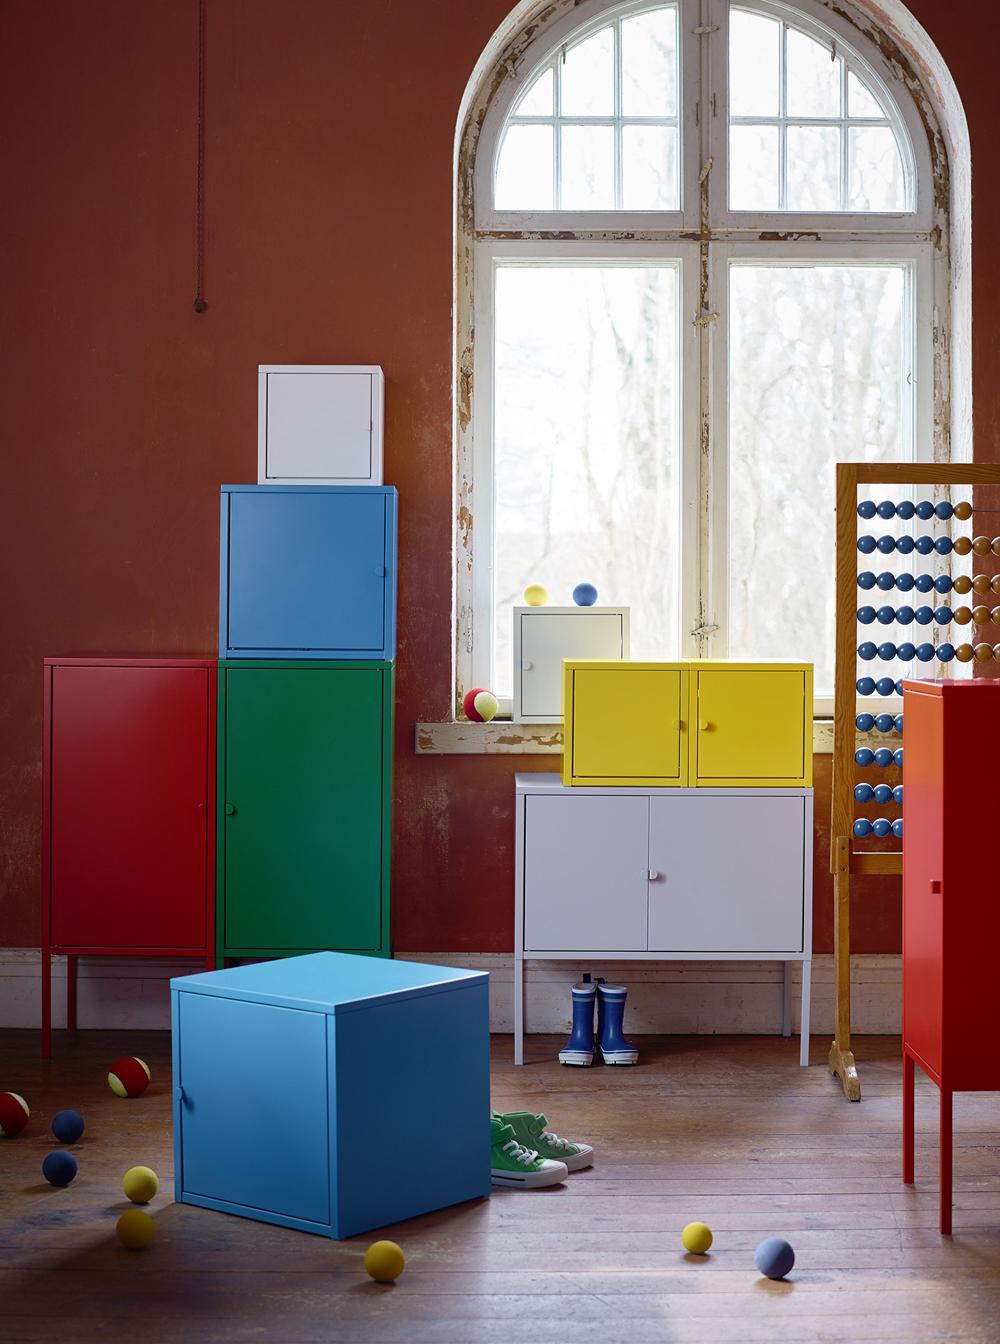 Armadi Per Terrazzo Ikea : Mobili per terrazzo ikea. Armadi per ...